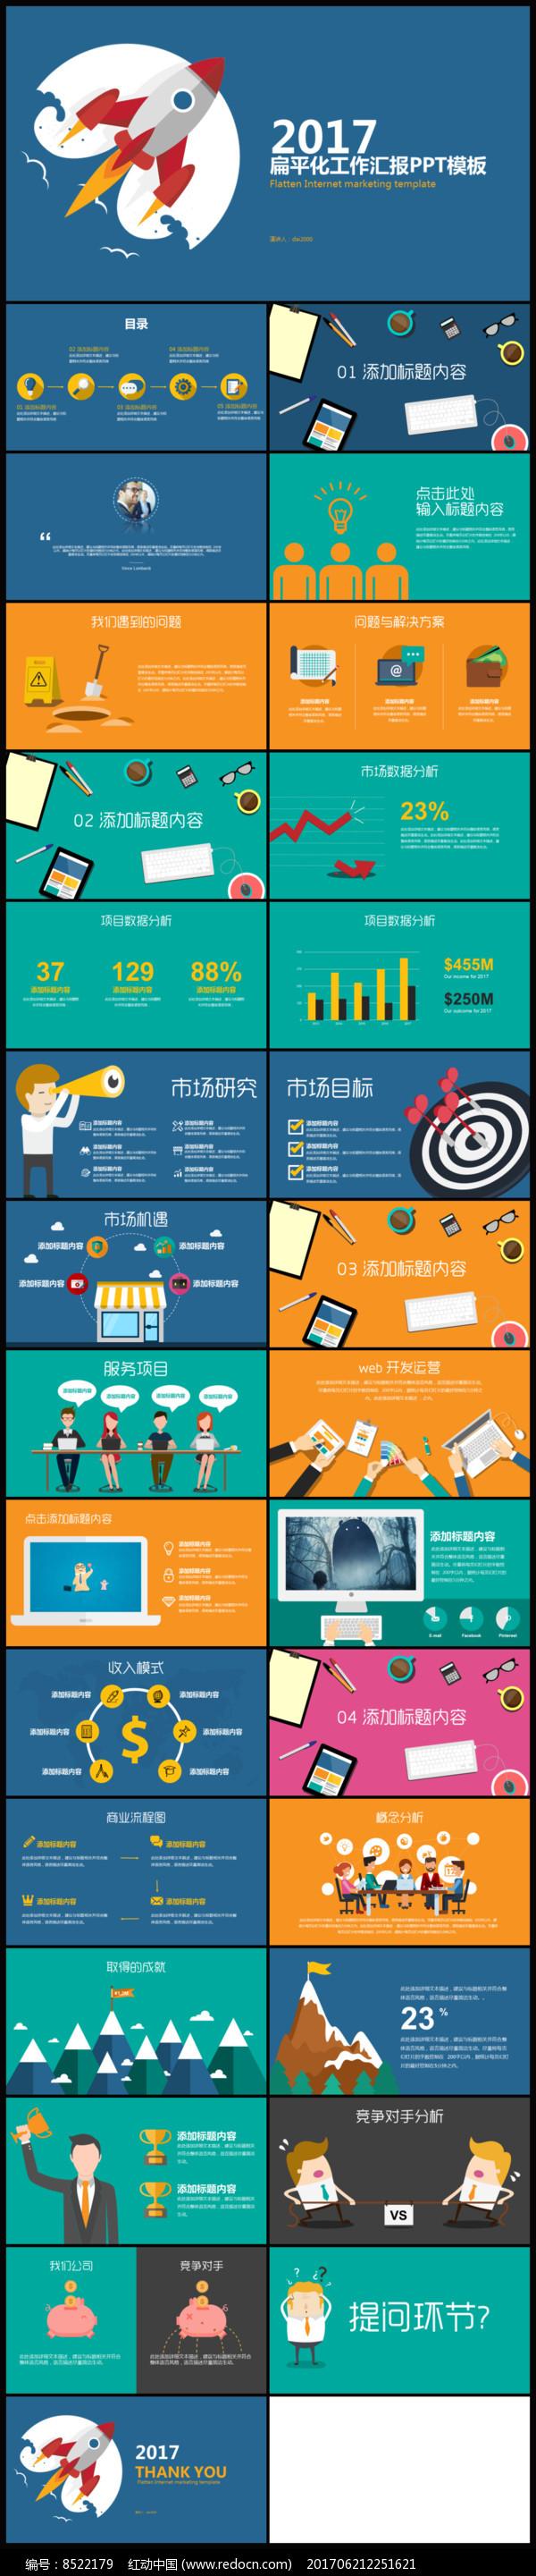 扁平化企业产品发布PPT模板图片